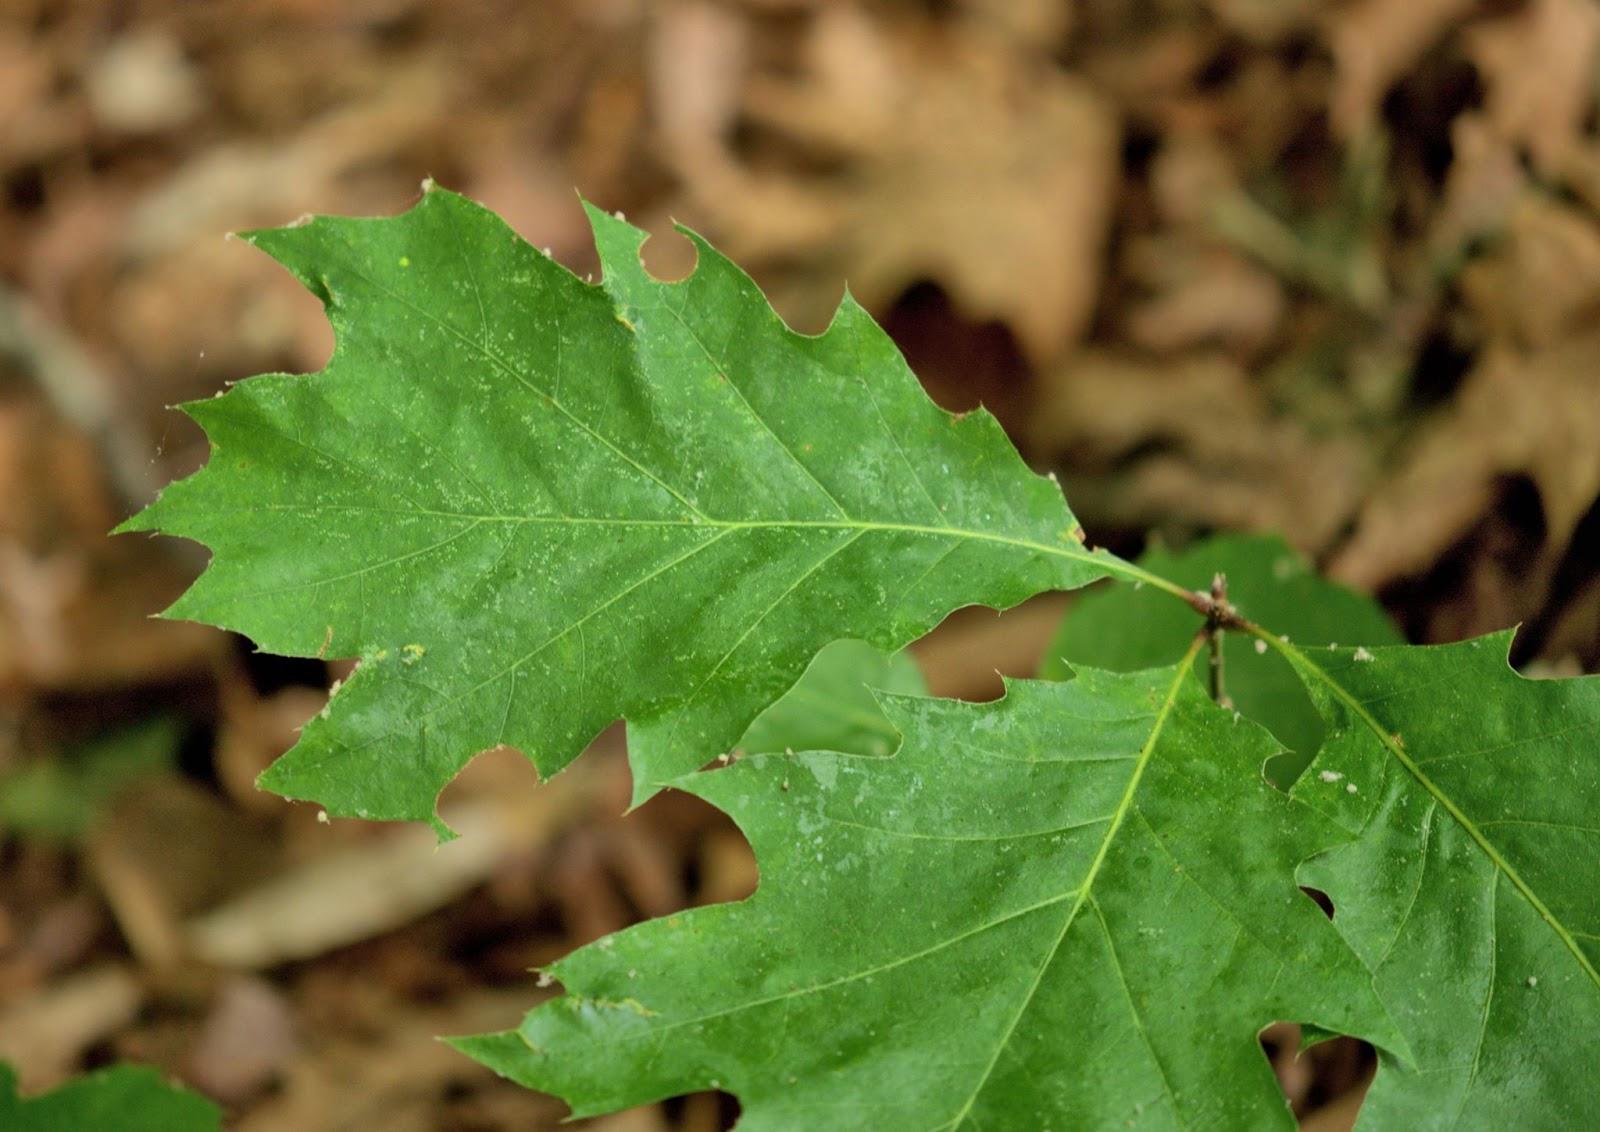 Nature rambling ramble report may